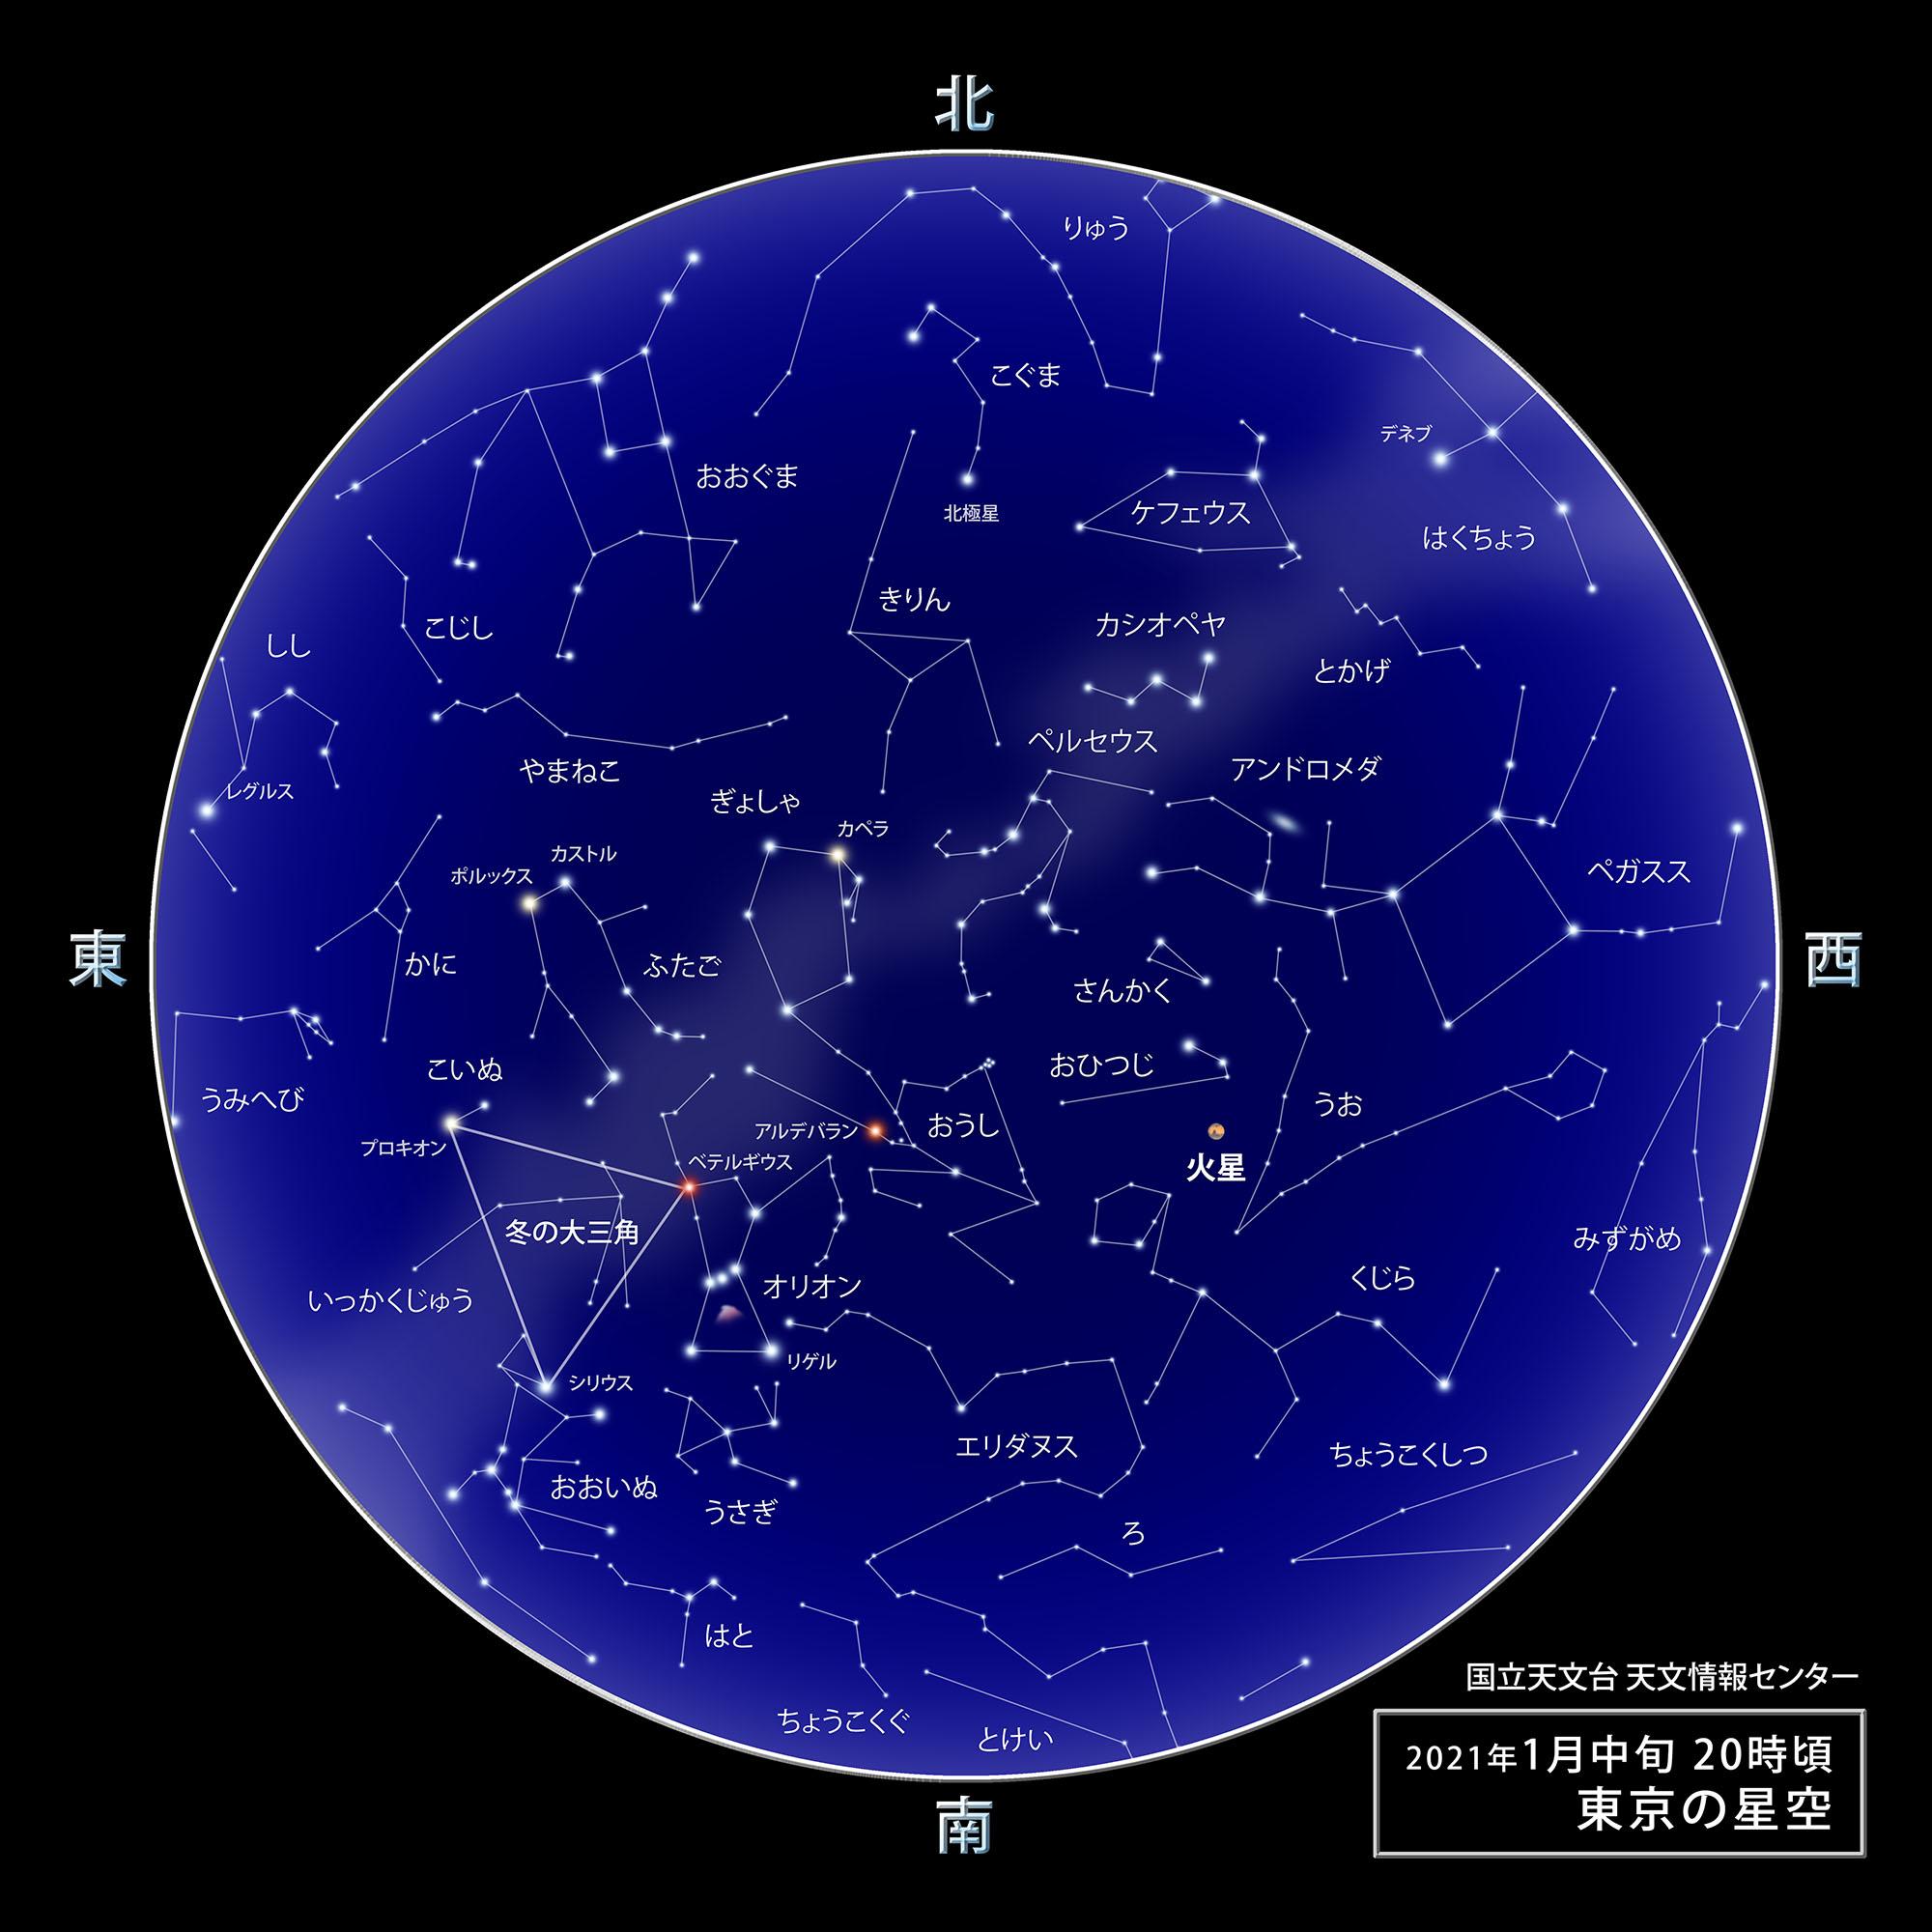 東京の星空・カレンダー・惑星(2021年1月) | 国立天文台(NAOJ)